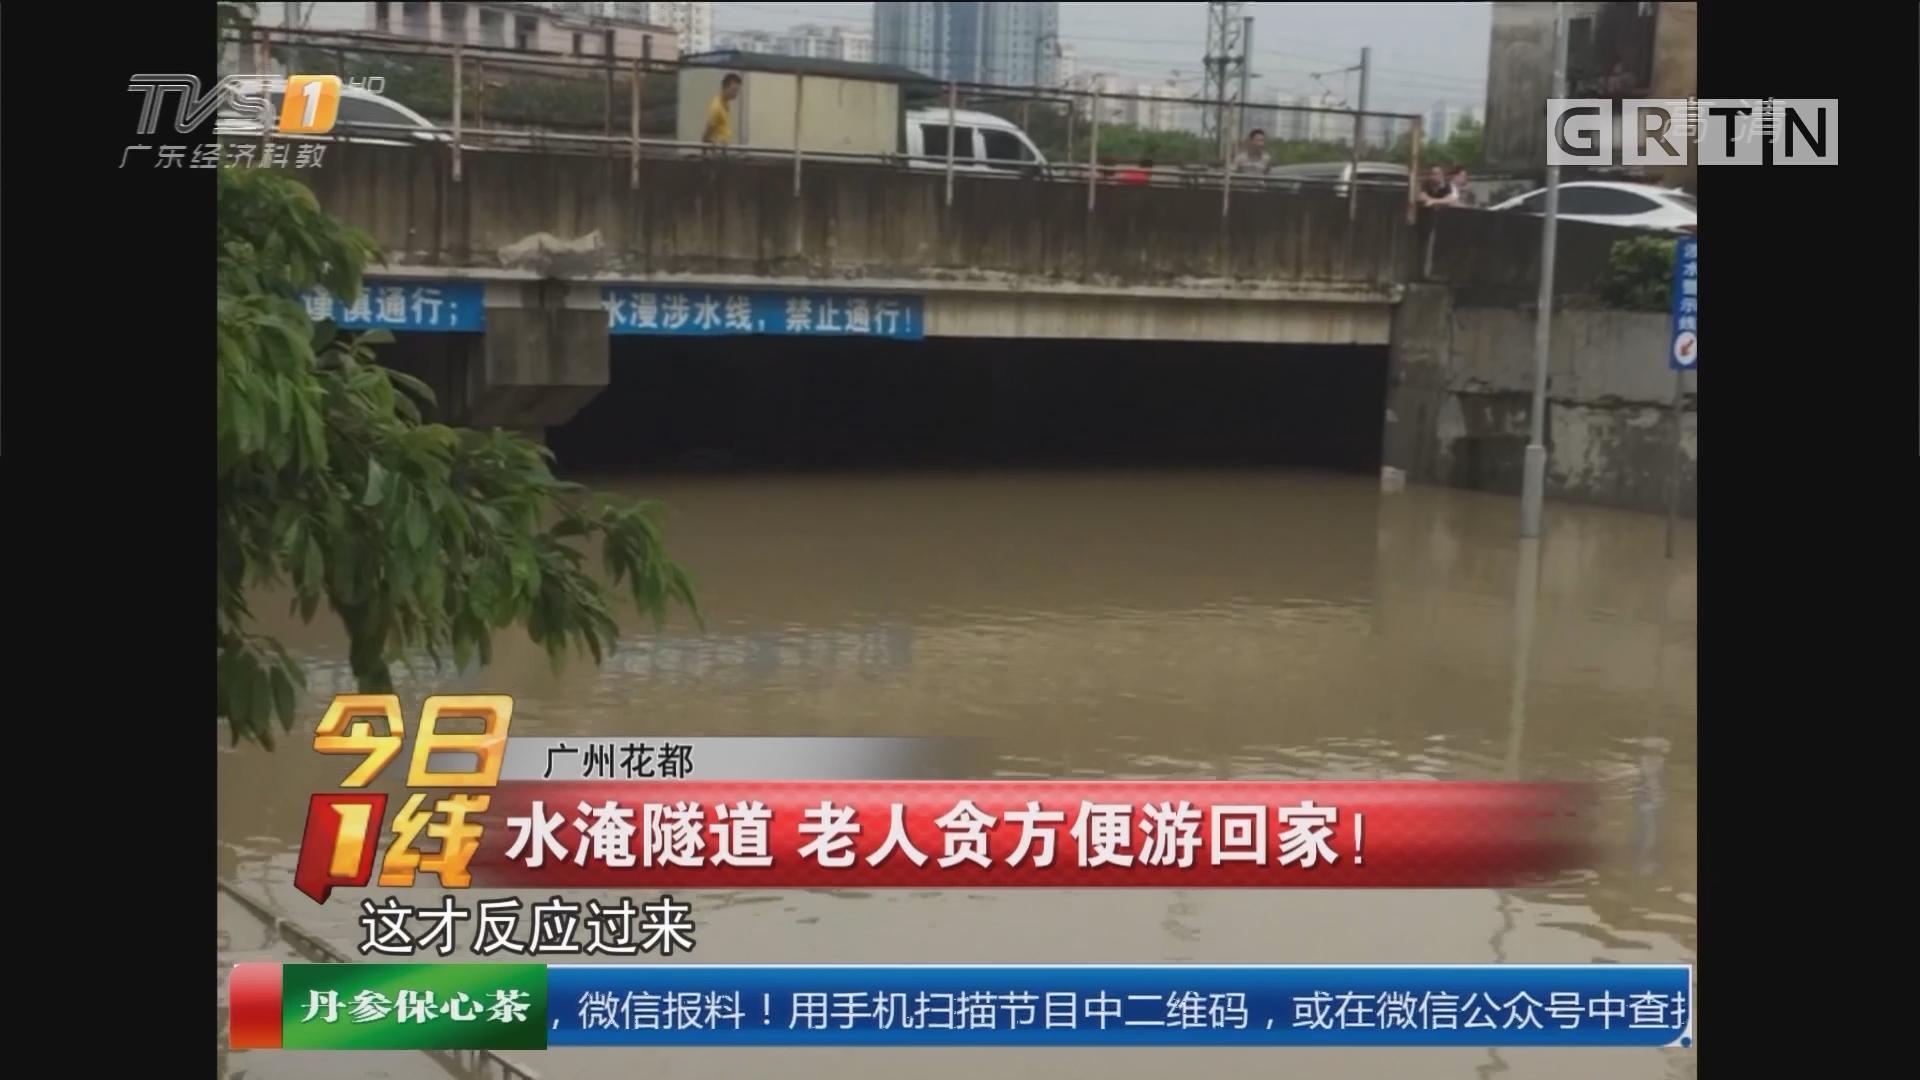 广州花都:水淹隧道 老人贪方便游回家!